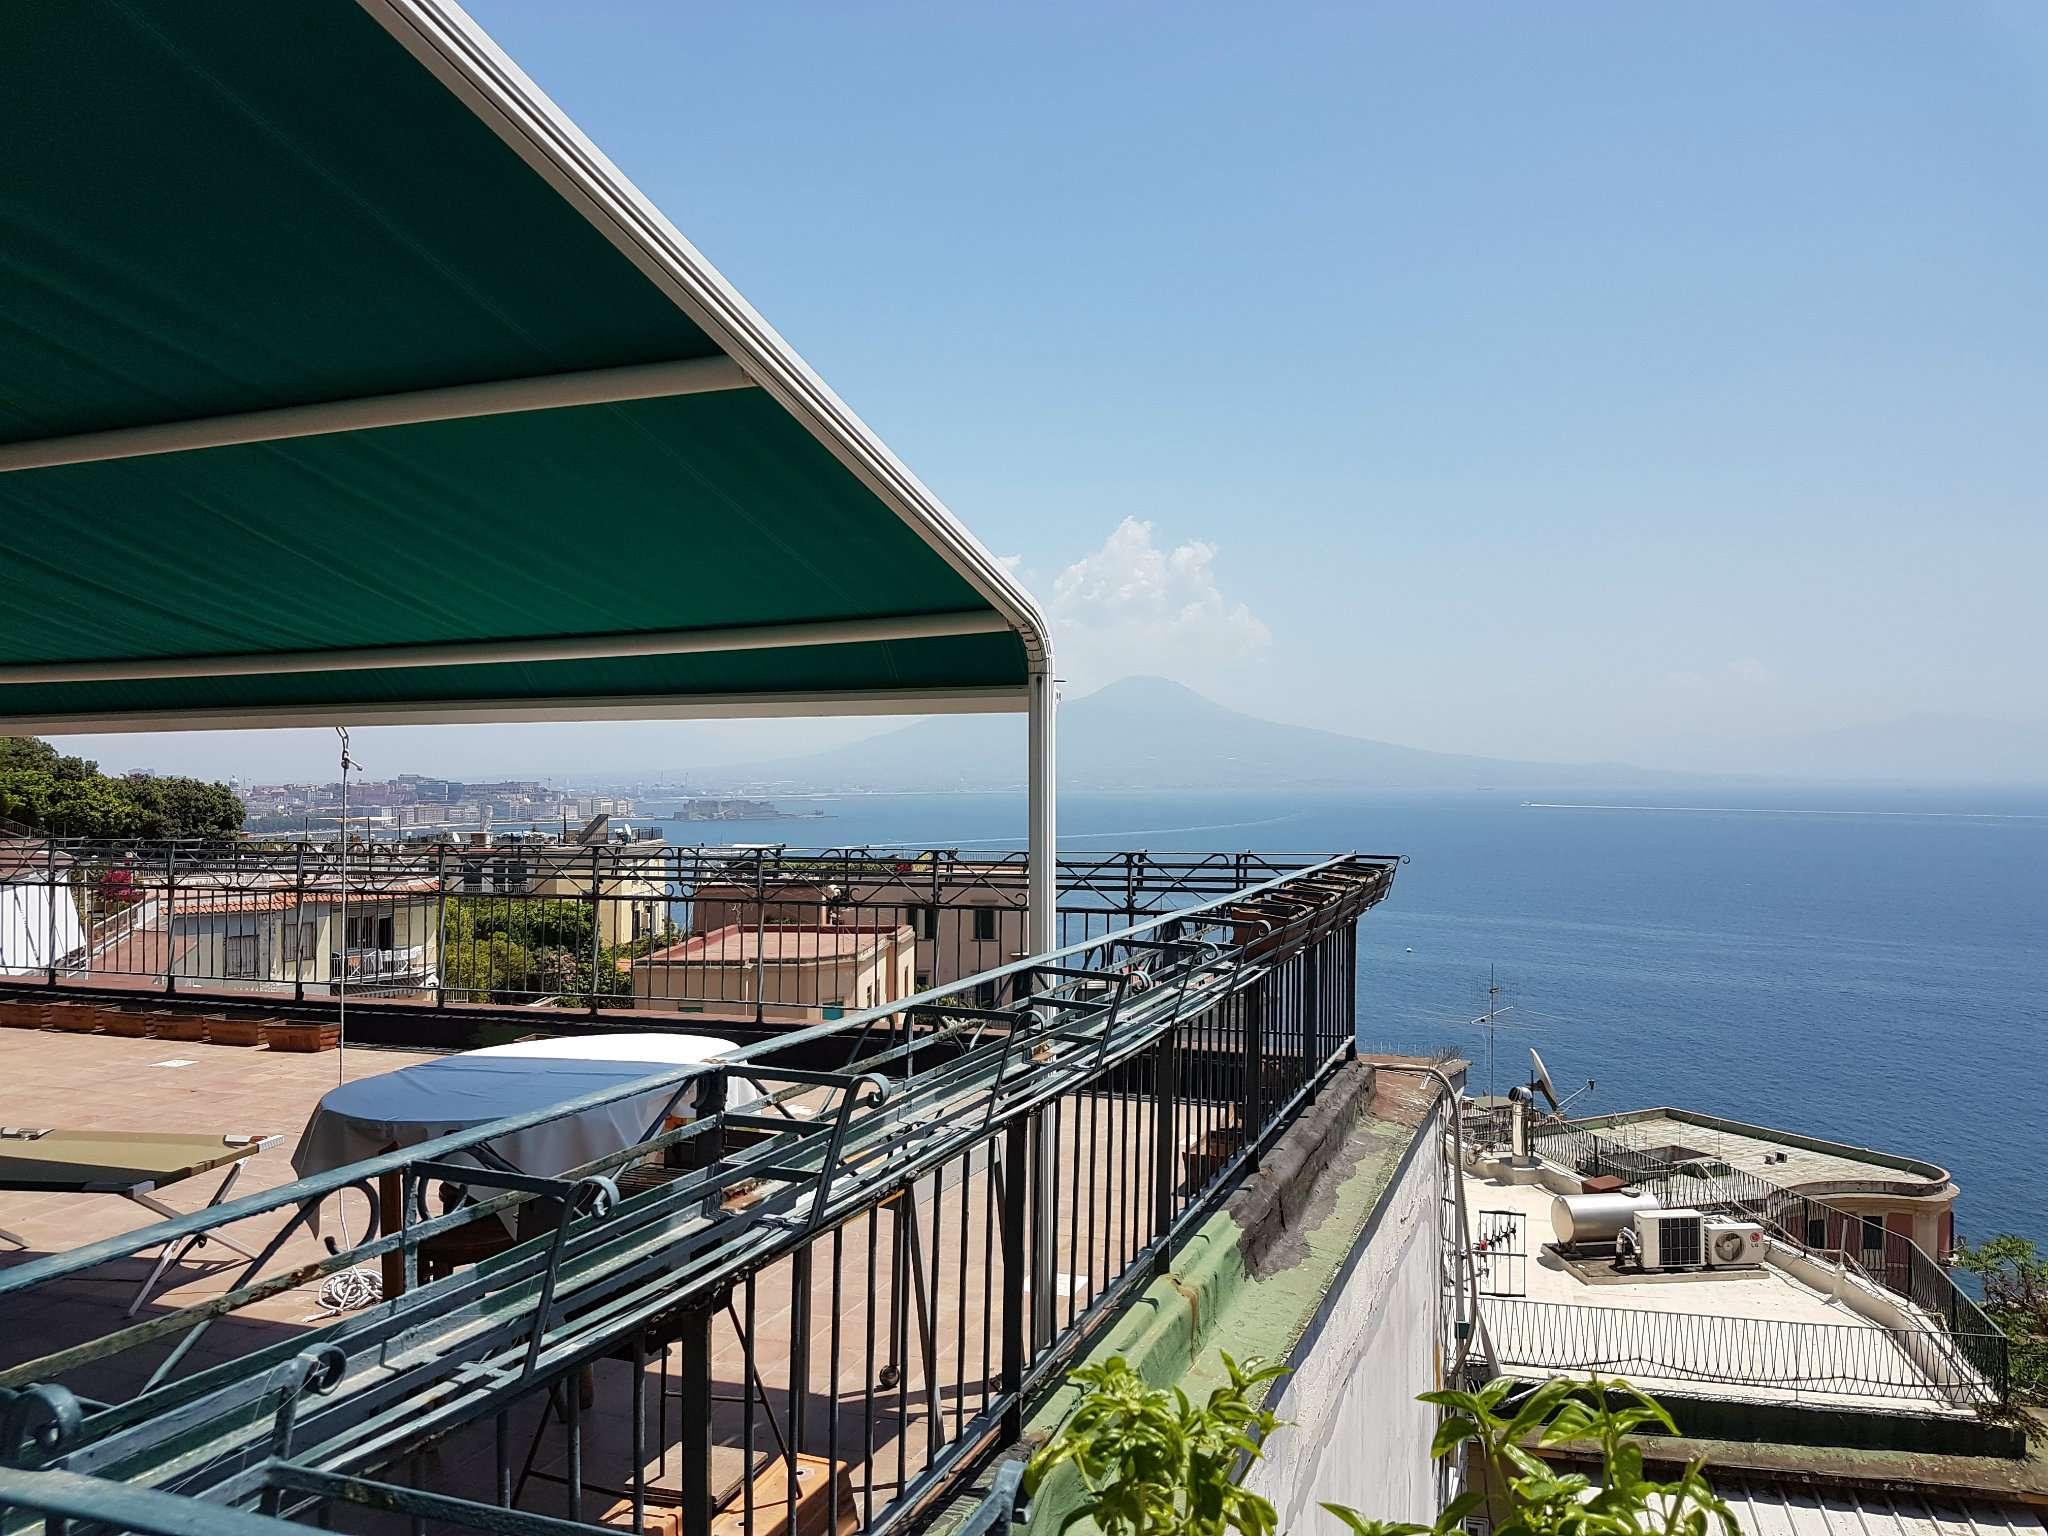 Soluzione Indipendente in vendita a Napoli, 5 locali, zona Zona: 1 . Chiaia, Posillipo, San Ferdinando, prezzo € 1.100.000 | CambioCasa.it